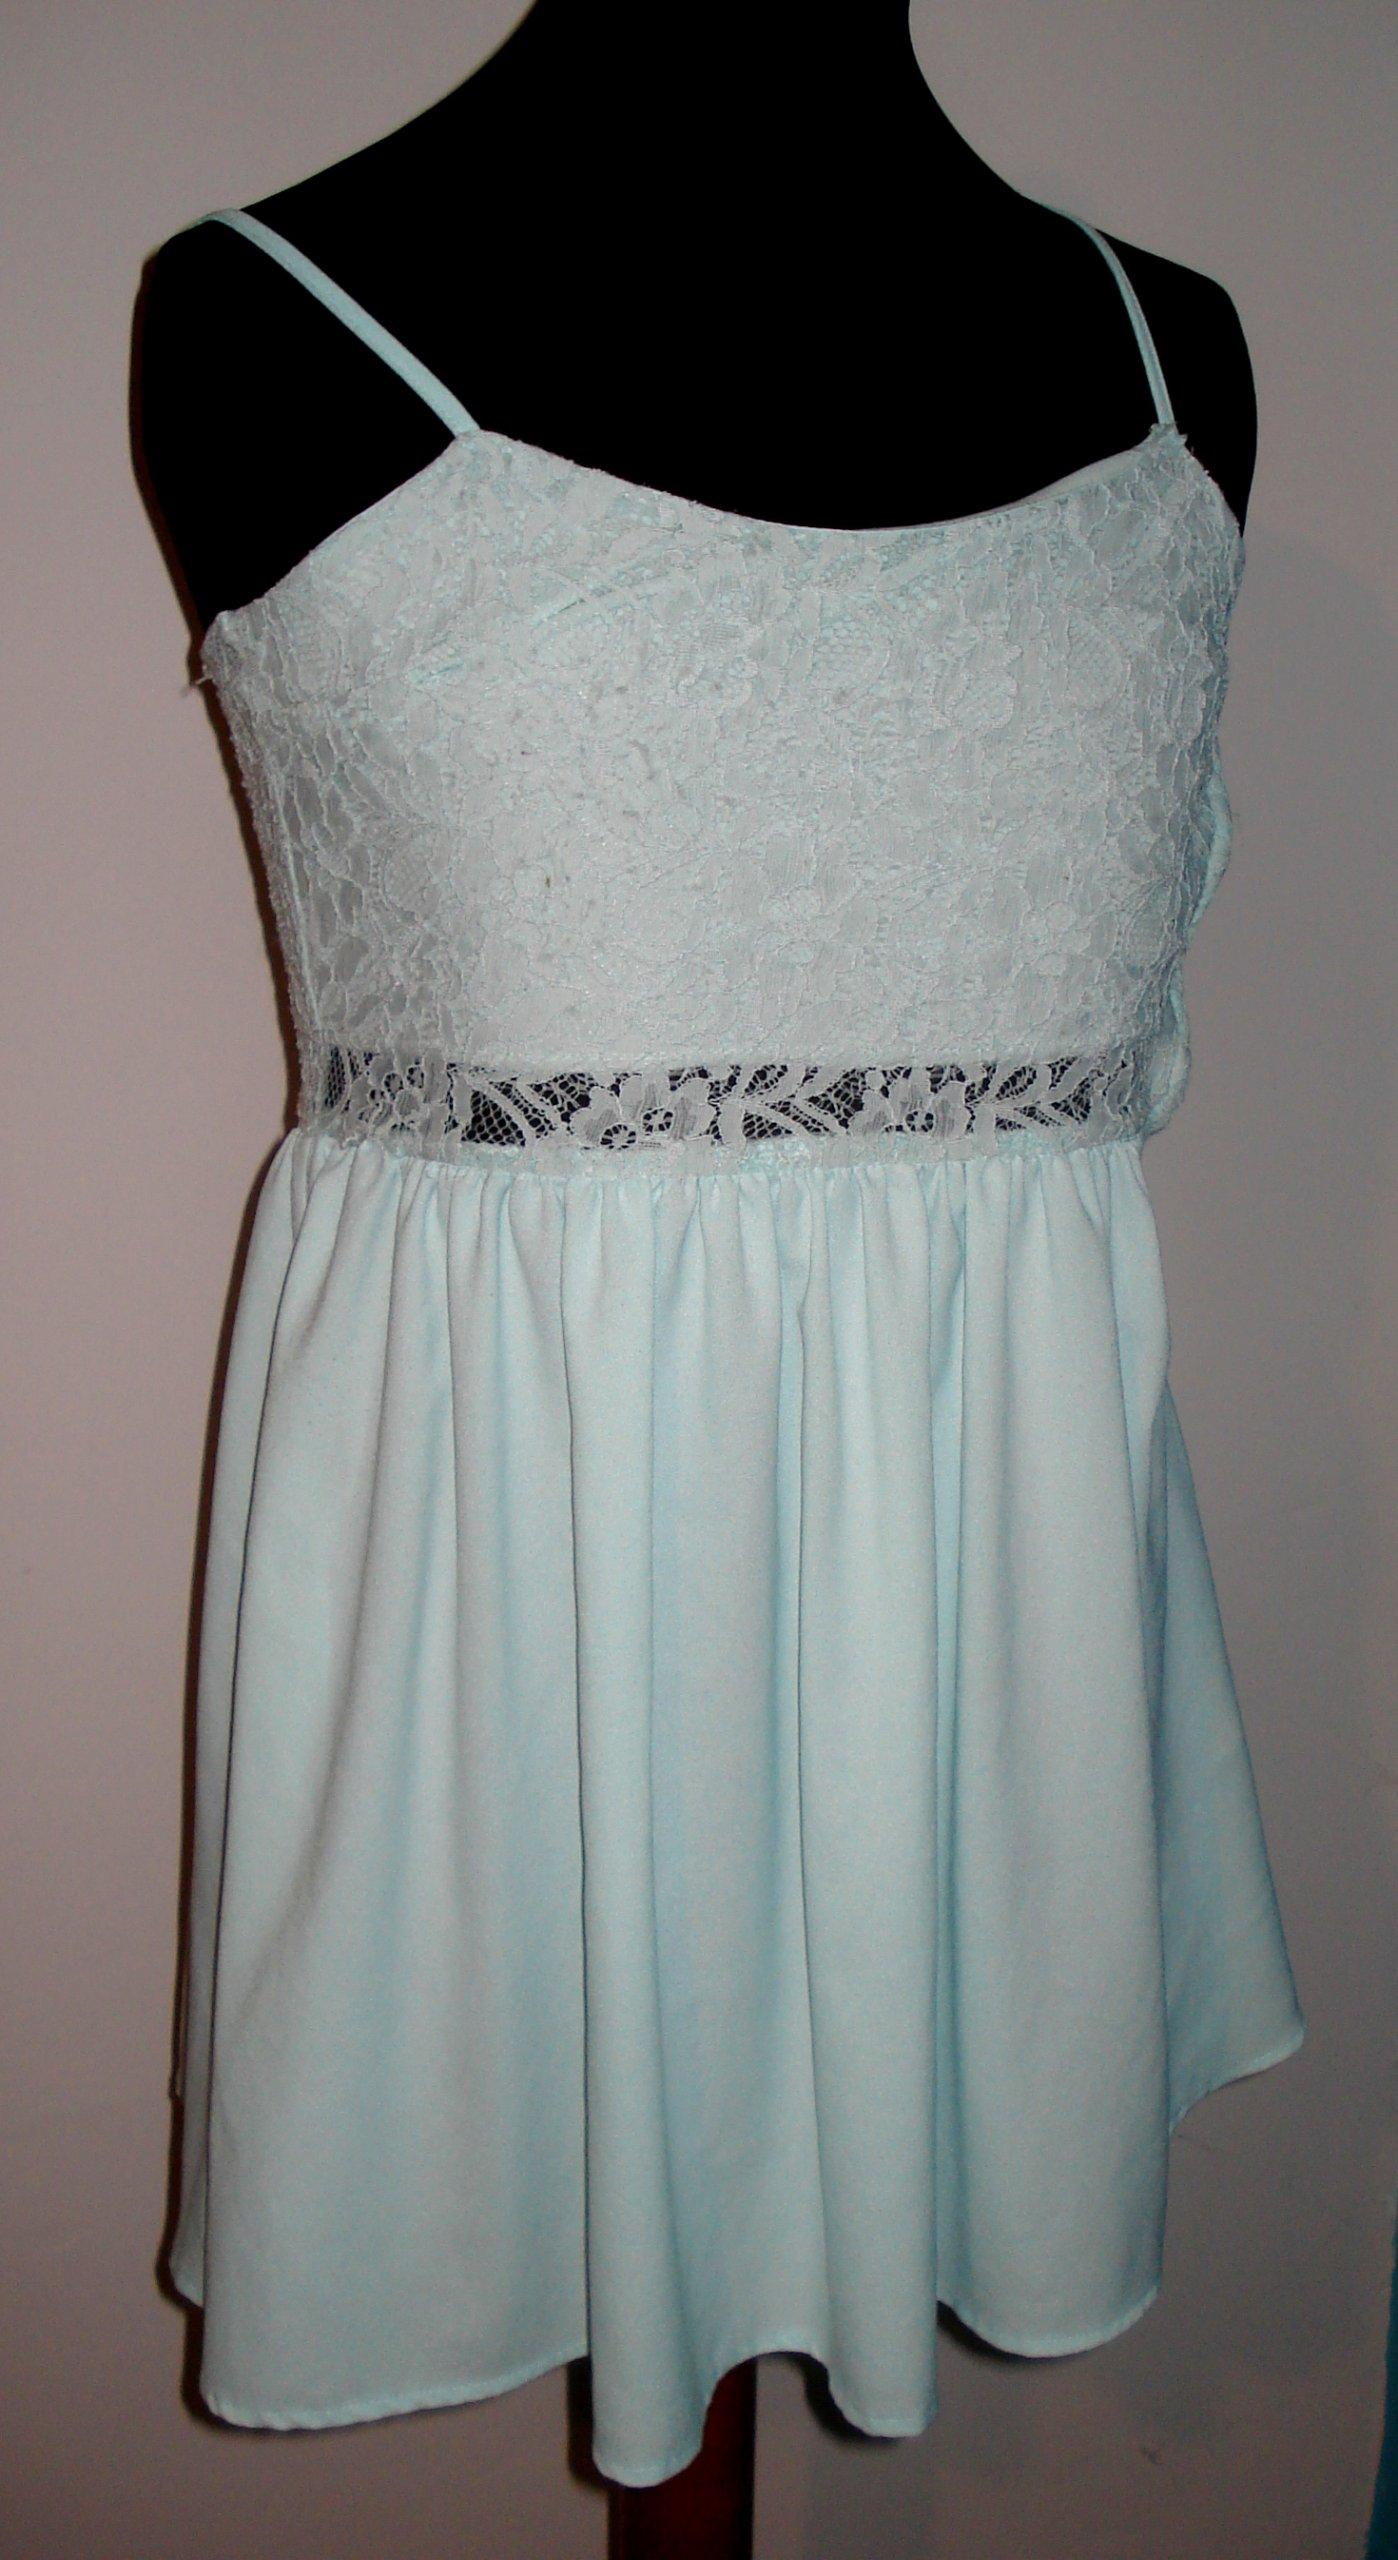 cb8ddd7c39 H M błękitna sukienka 36 - 7123180176 - oficjalne archiwum allegro